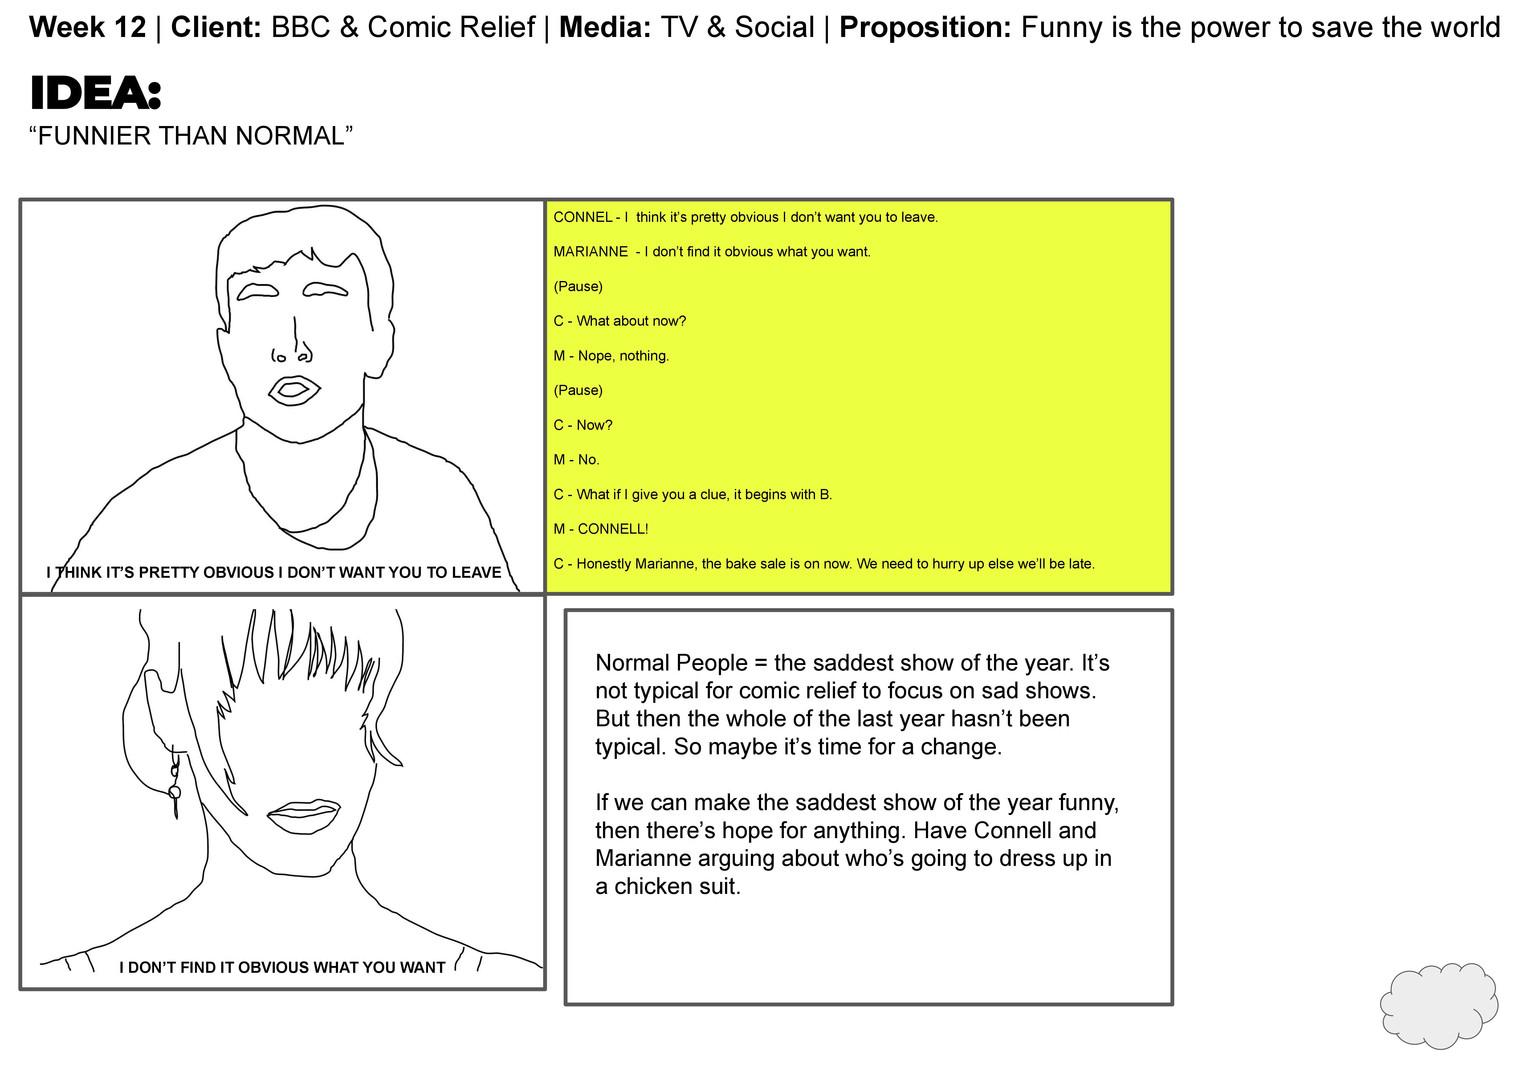 Claudia Cardinali - 12. BBC Comic Relief